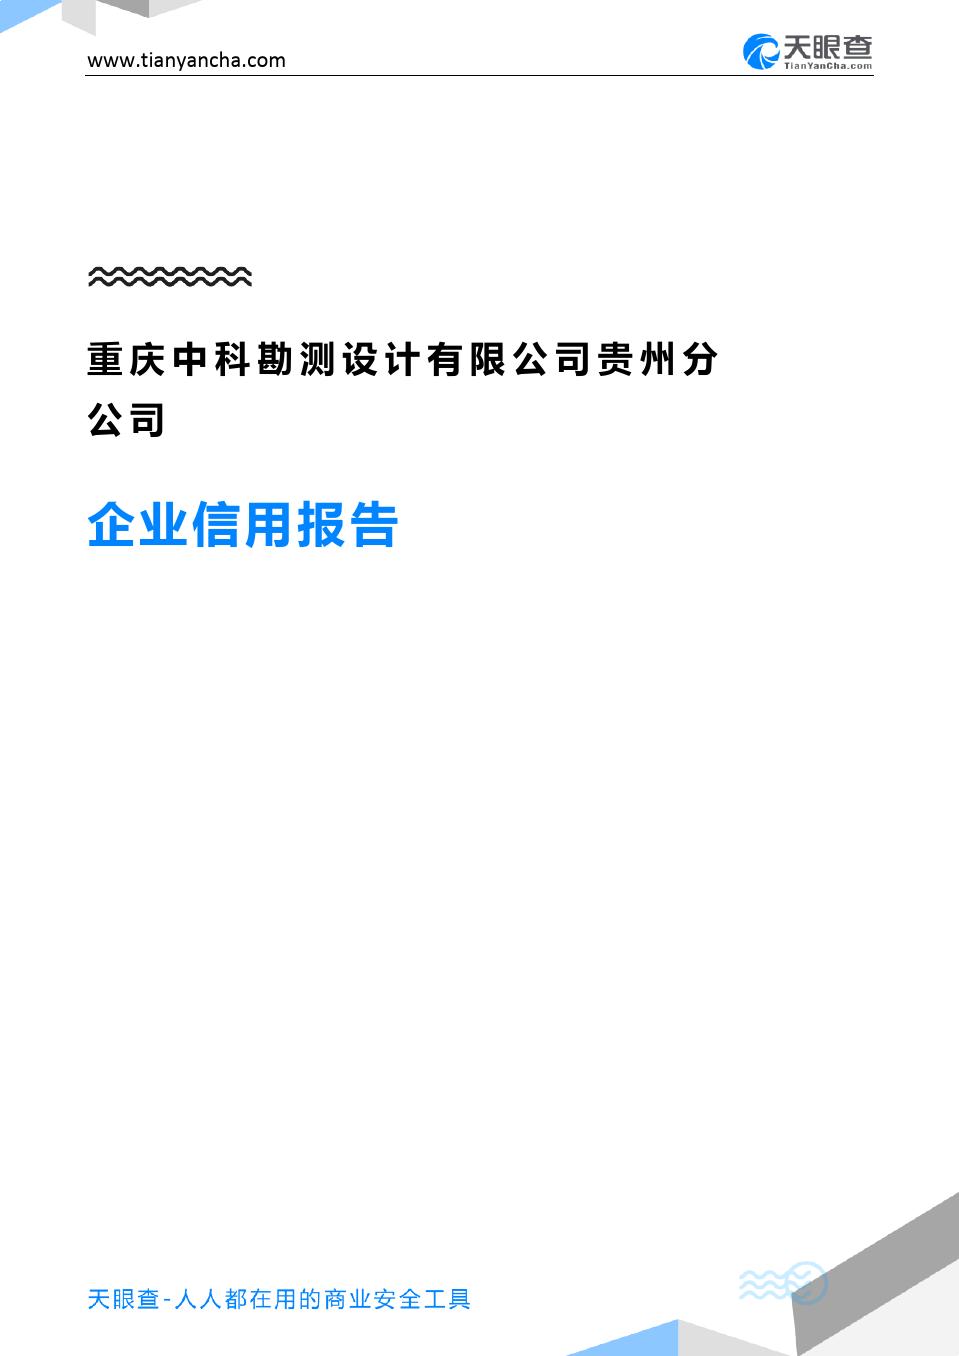 重庆中科勘测设计有限公司贵州分公司企业信用报告-天眼查